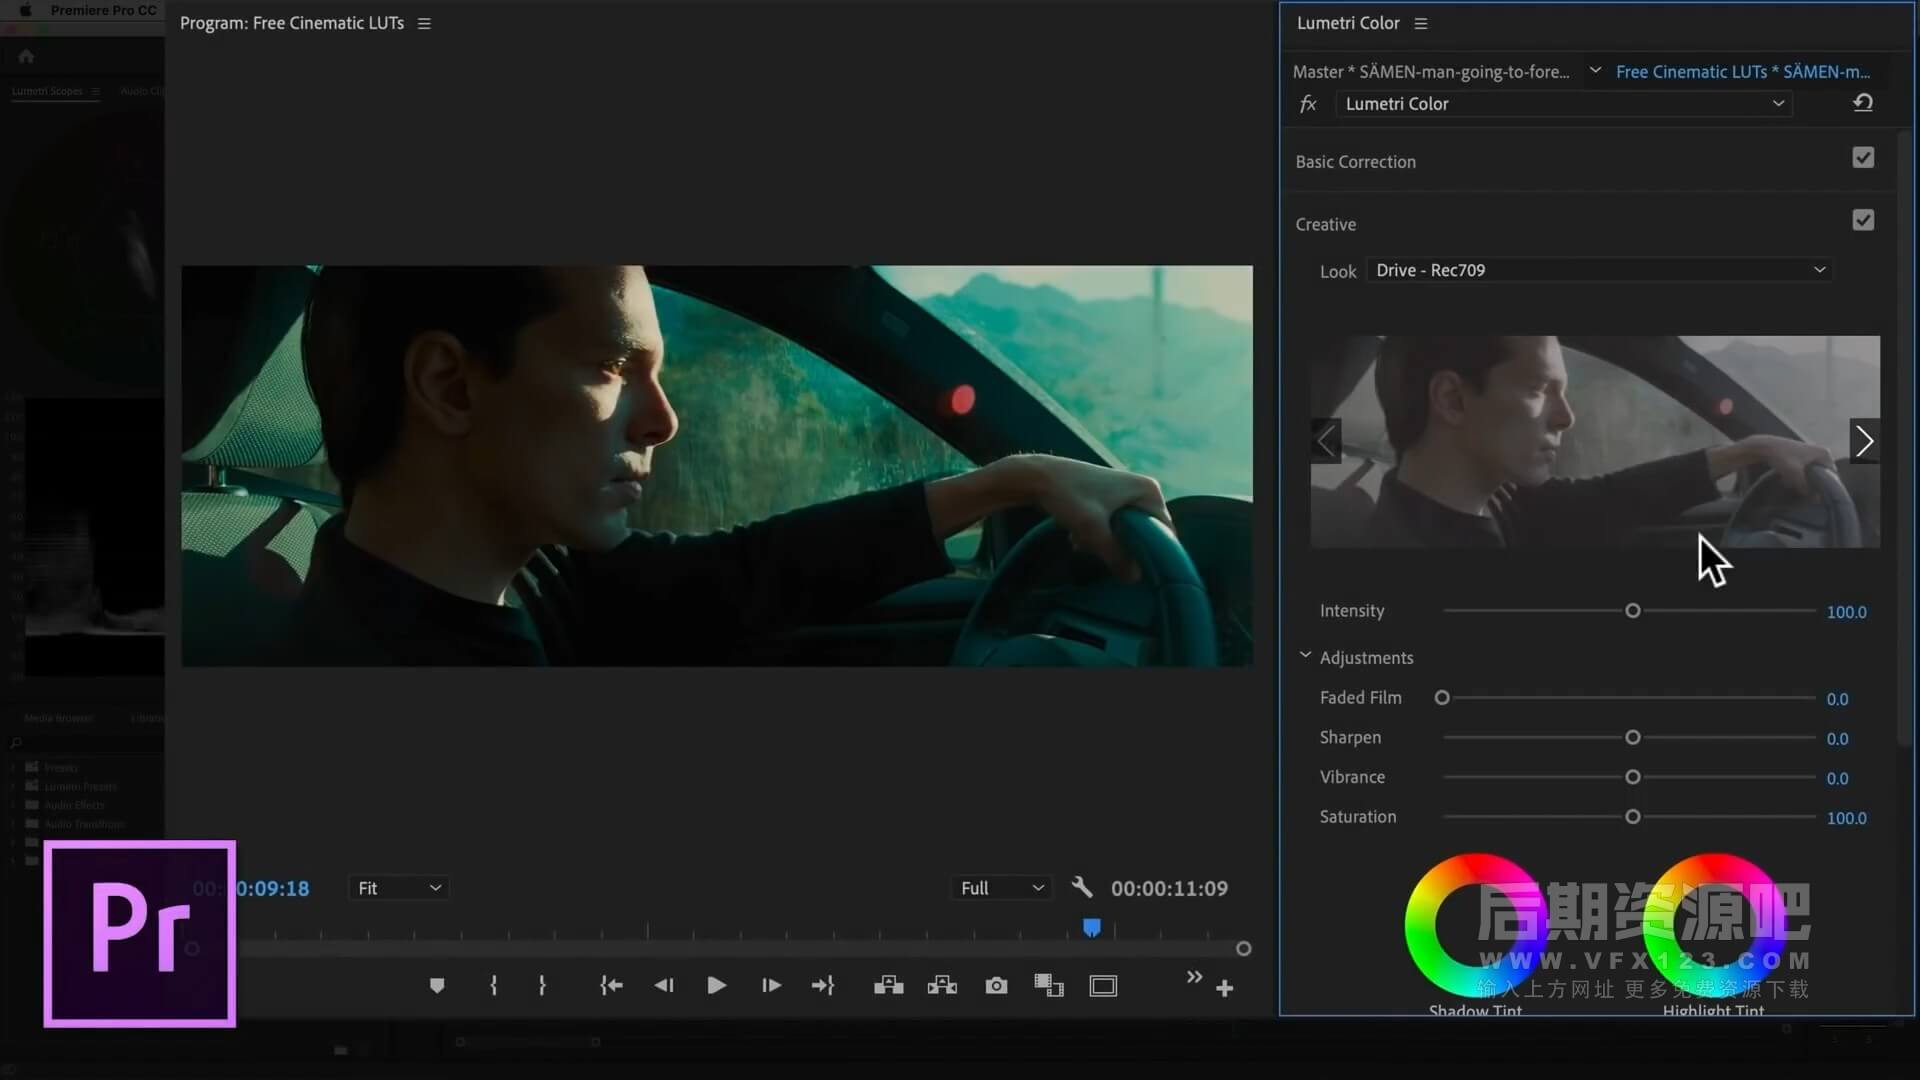 LUTs预设 精典好莱坞电影调色预设 含LUTS加载使用教程参考